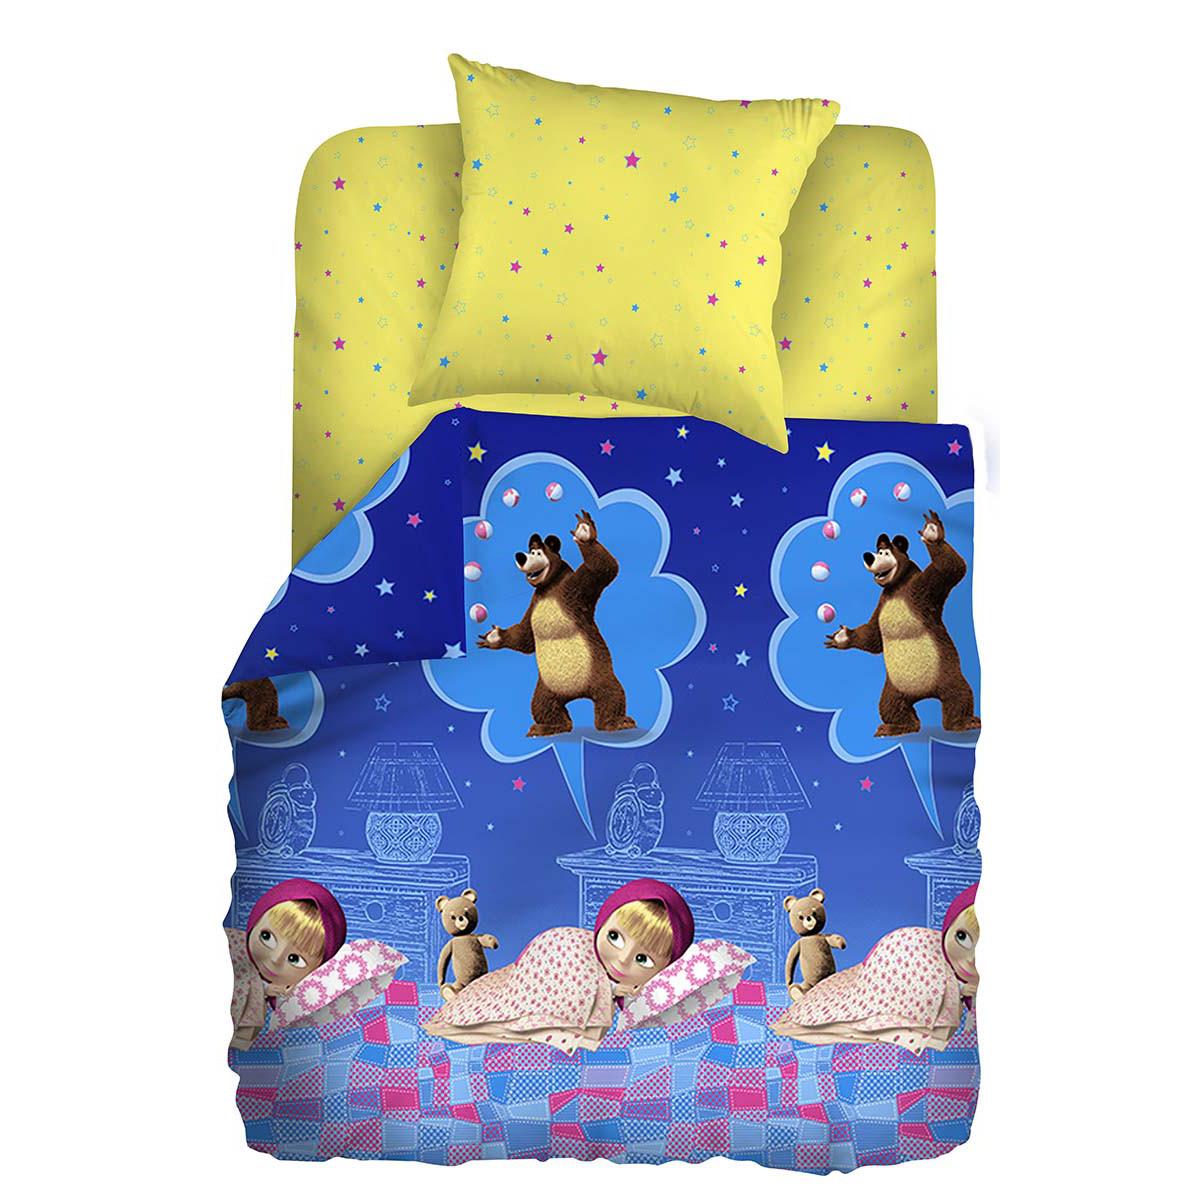 Маша и Медведь Комплект детского постельного белья Машин сон244355Комплект детского постельного белья Маша и Медведь Машин сон, состоящий из наволочки, простыни и пододеяльника, выполнен из натурального 100% хлопка. Пододеяльник оформлен рисунком в виде героев из мультфильма Маша и Медведь. Хлопок - это натуральный материал, который не раздражает даже самую нежную и чувствительную кожу малыша, не вызывает аллергии и хорошо вентилируется. Такой комплект идеально подойдет для кроватки вашего малыша. На нем ребенок будет спать здоровым и крепким сном.